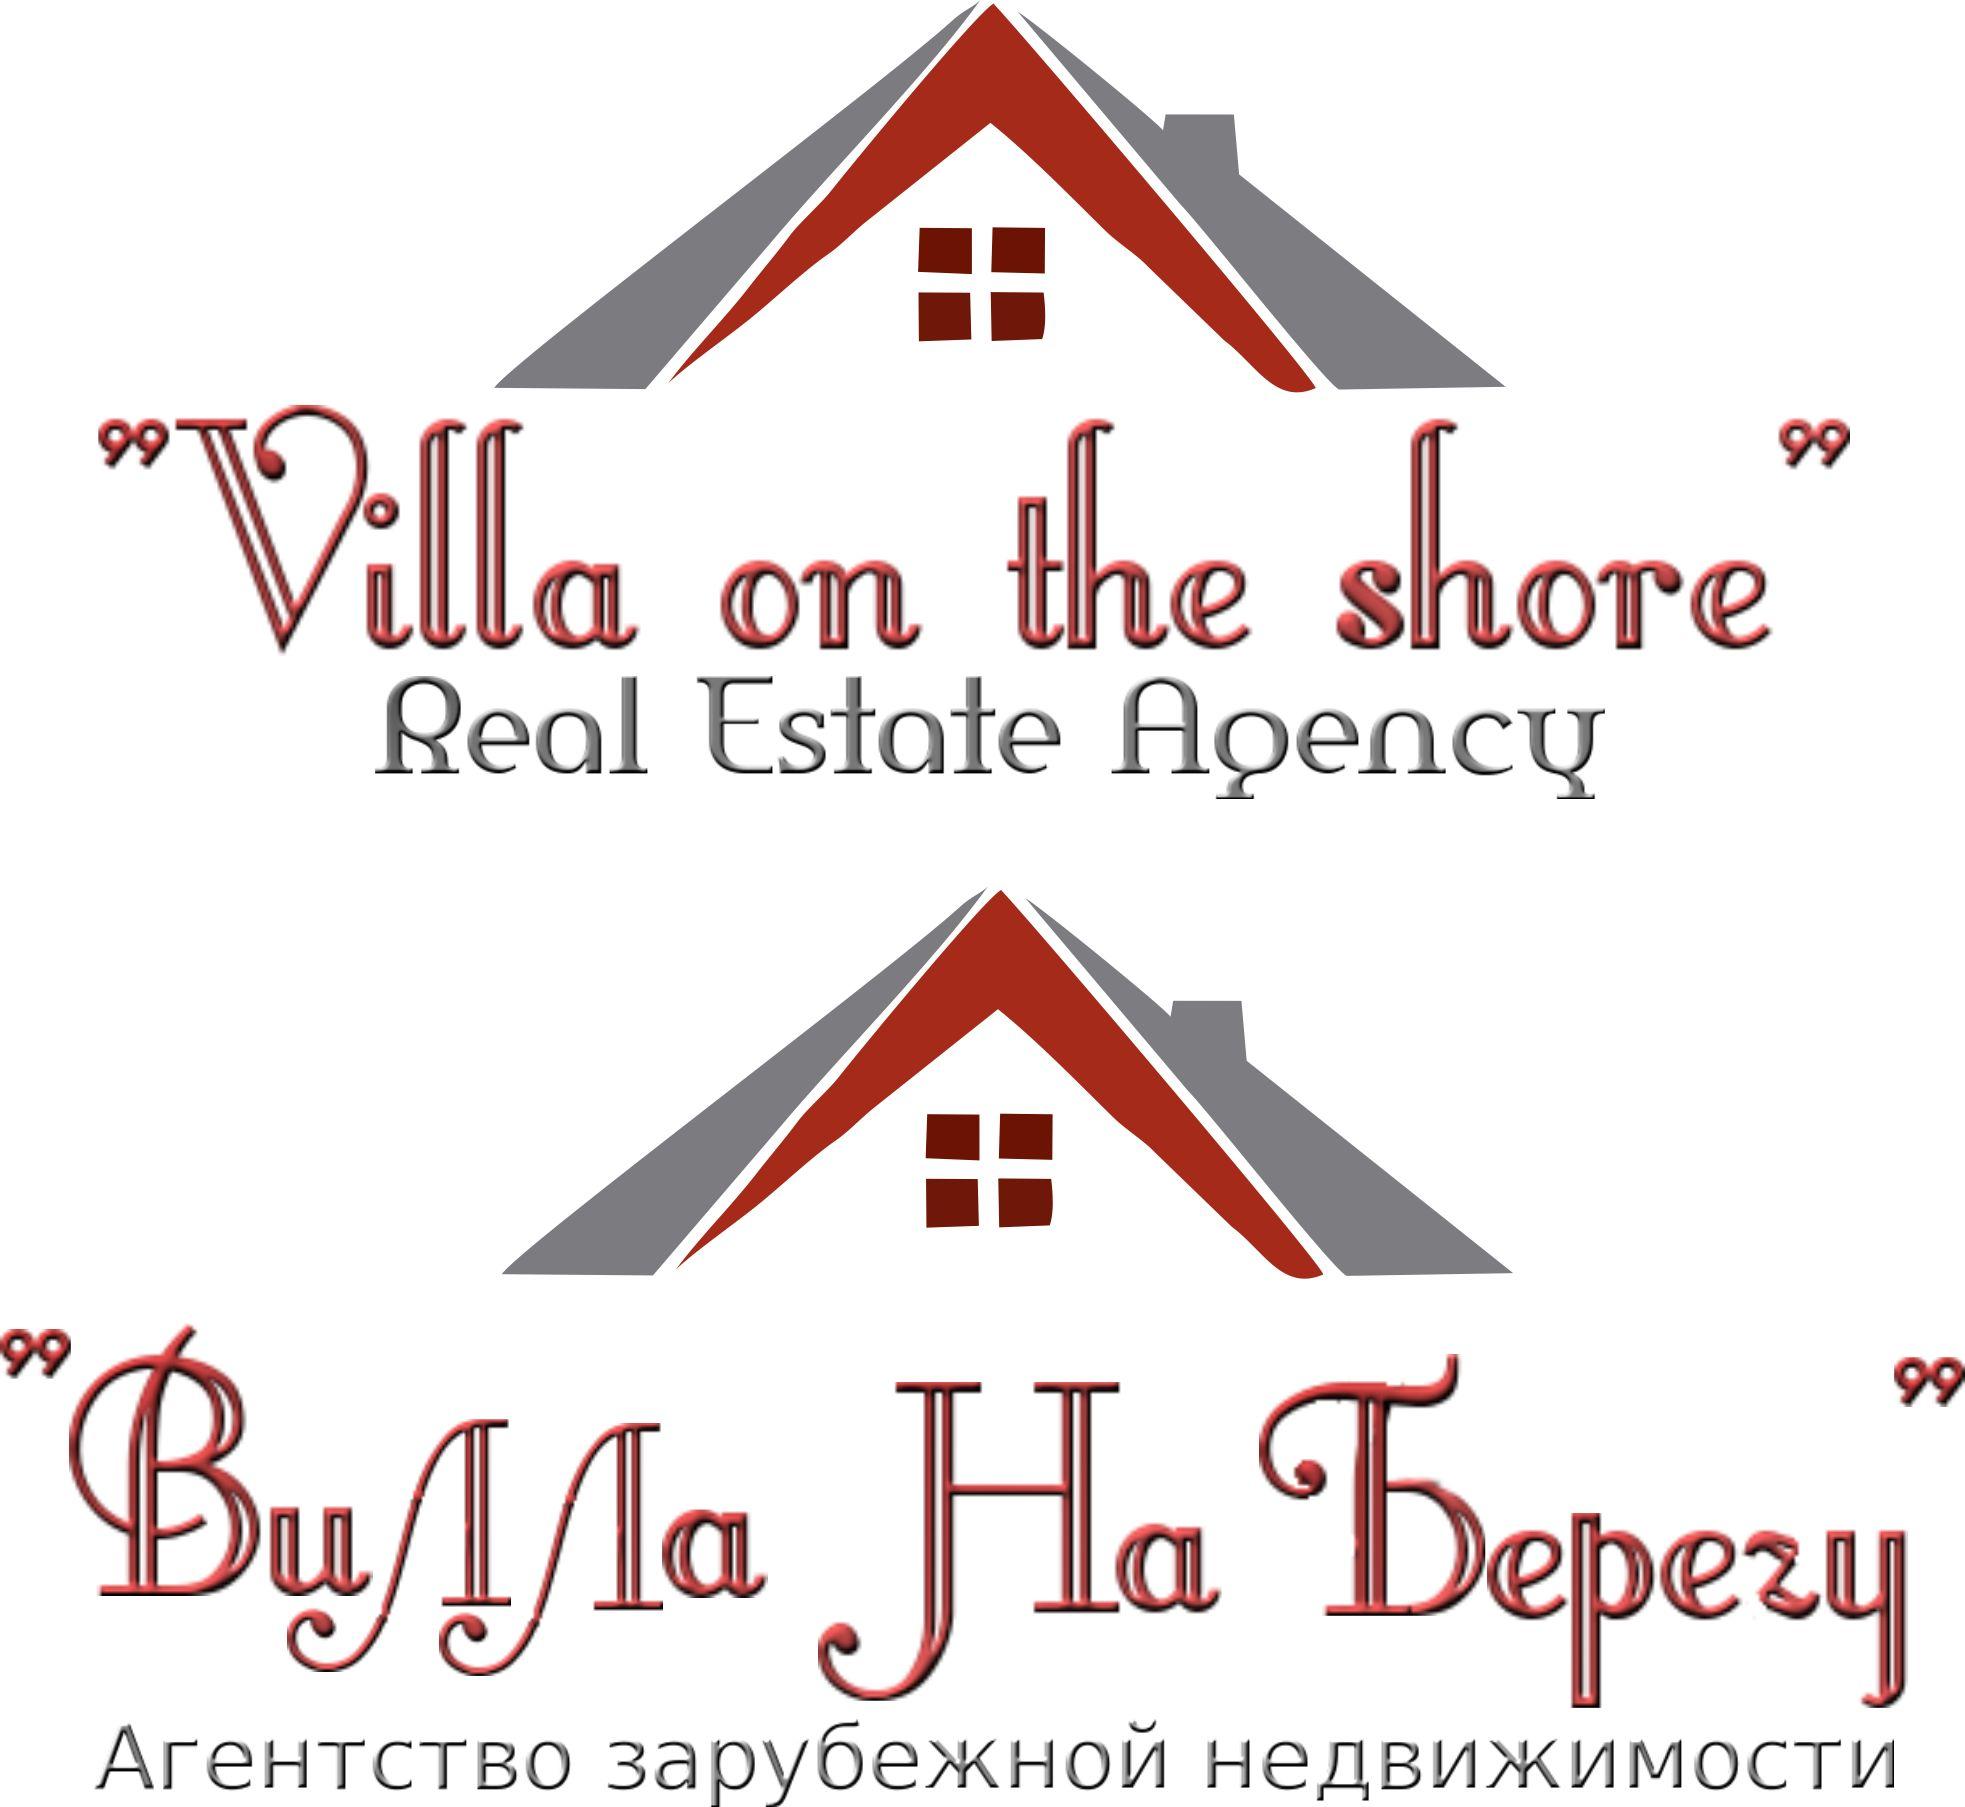 Фирстиль для агентства зарубежной недвижимости - дизайнер Askar24